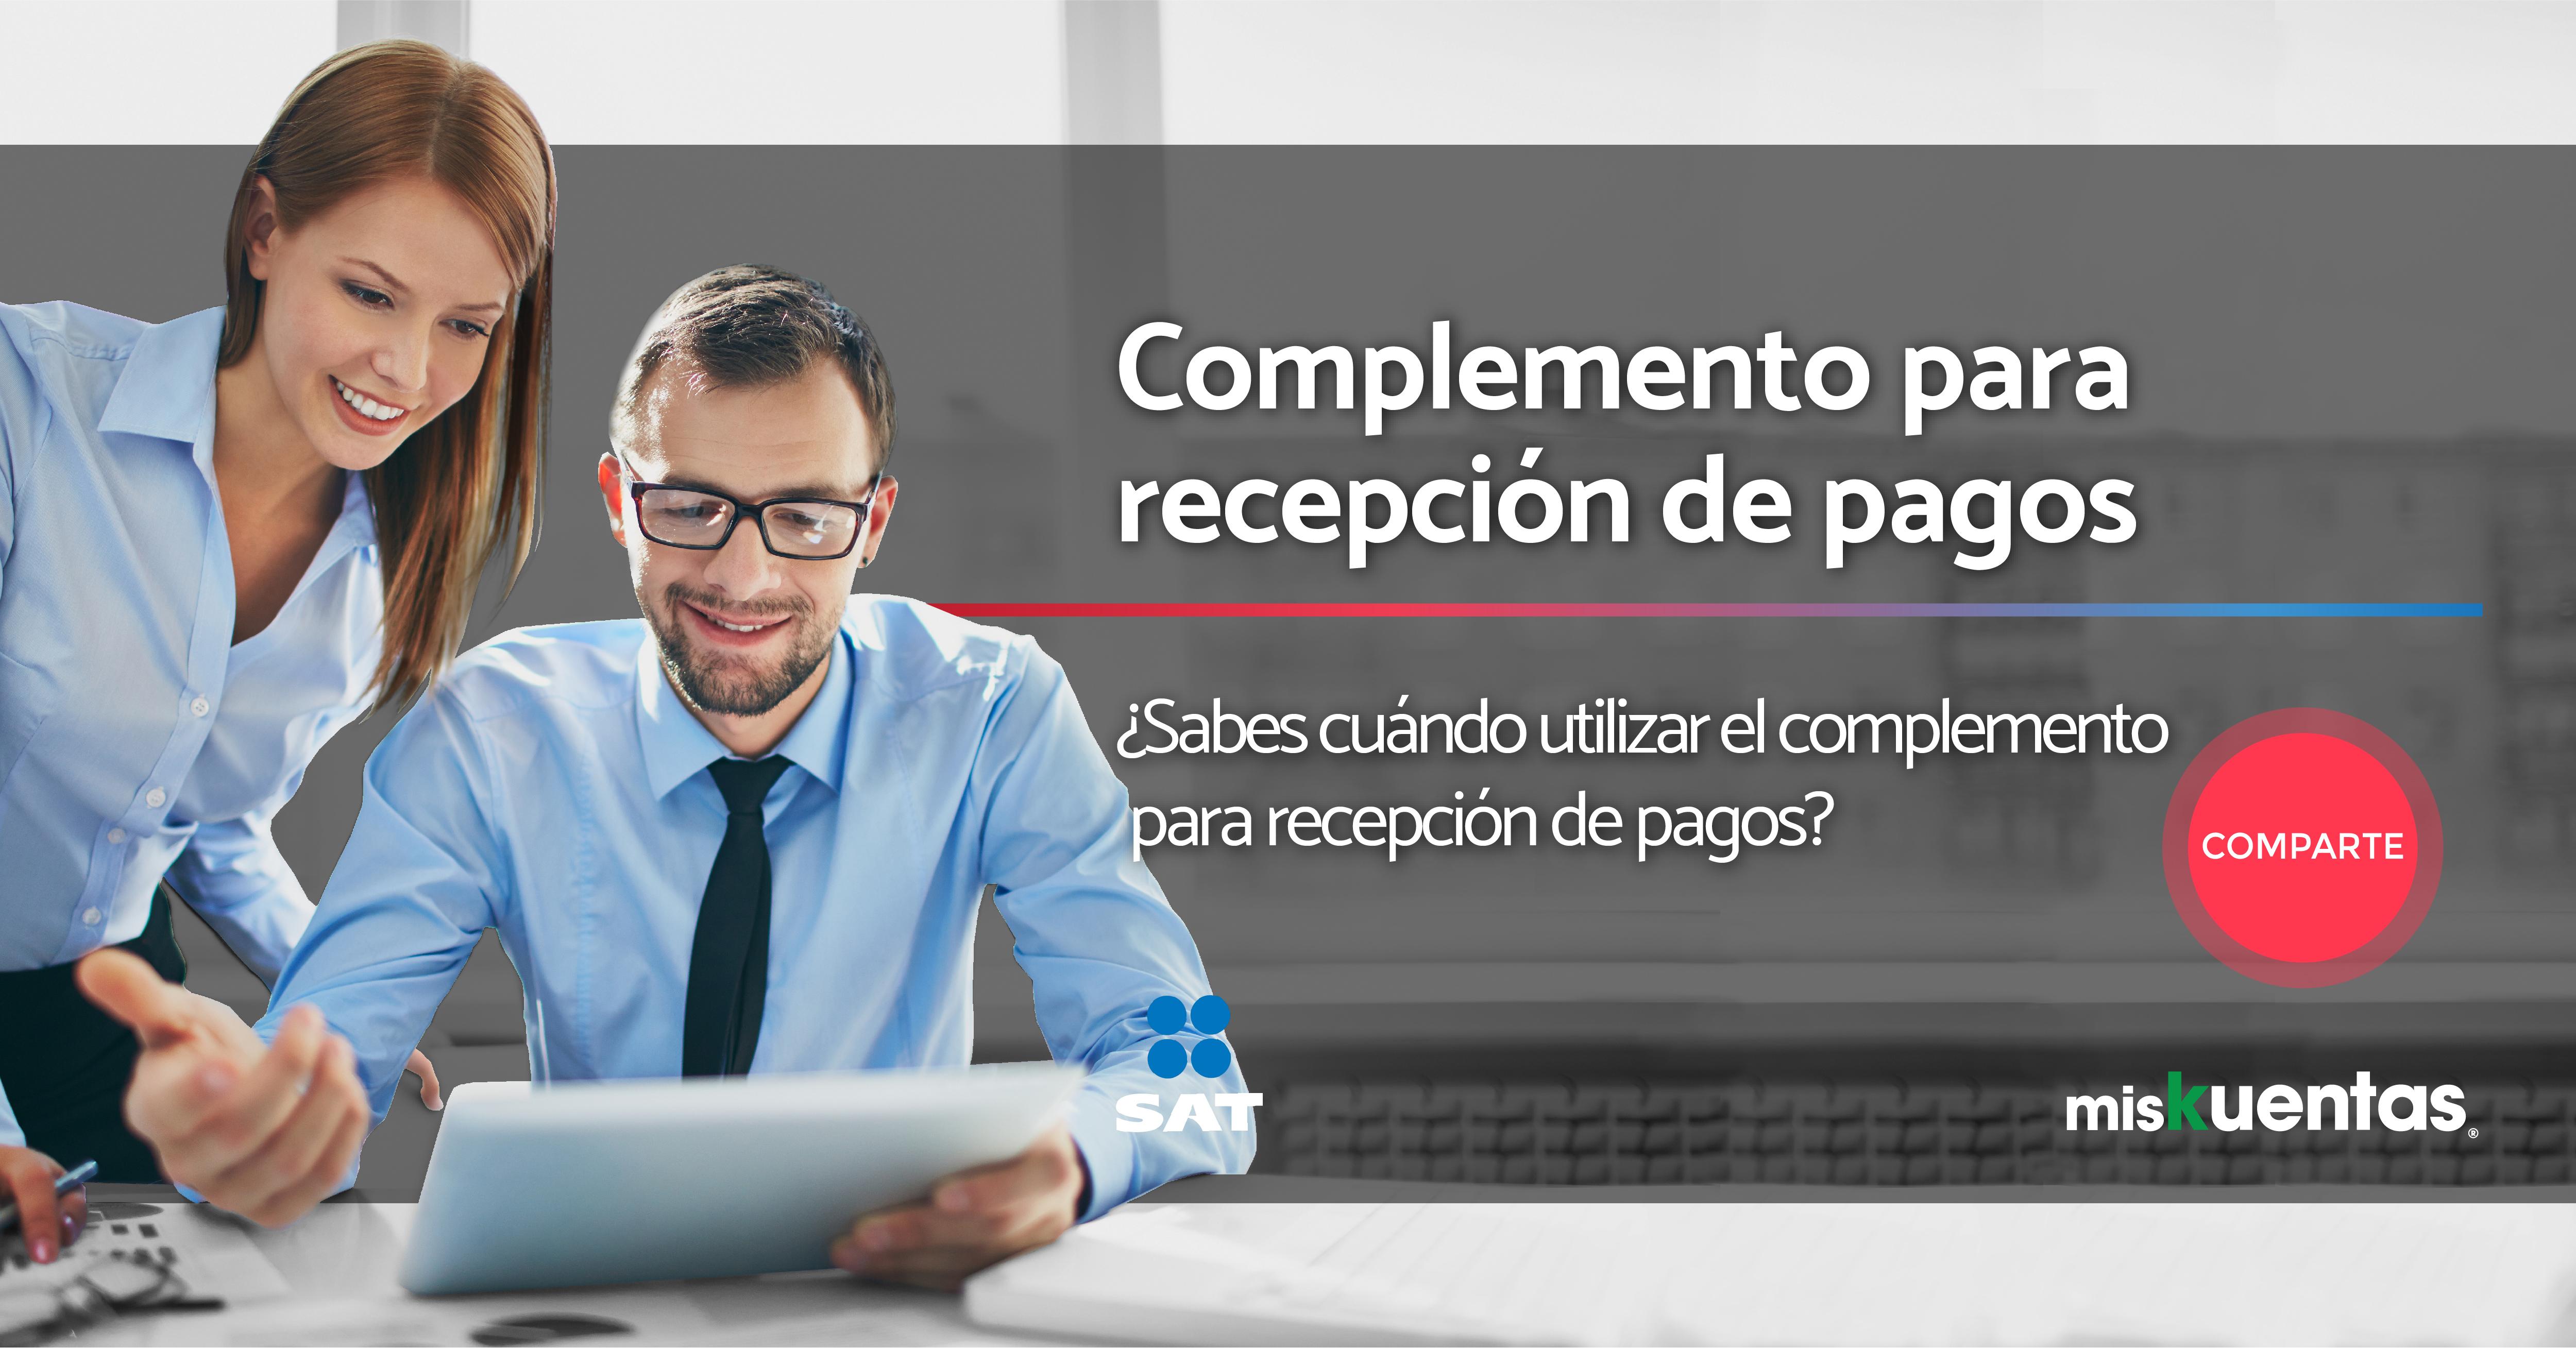 Conoce el nuevo complemento para recepción de pagos para agilizar el proceso de generar la factura electrónica